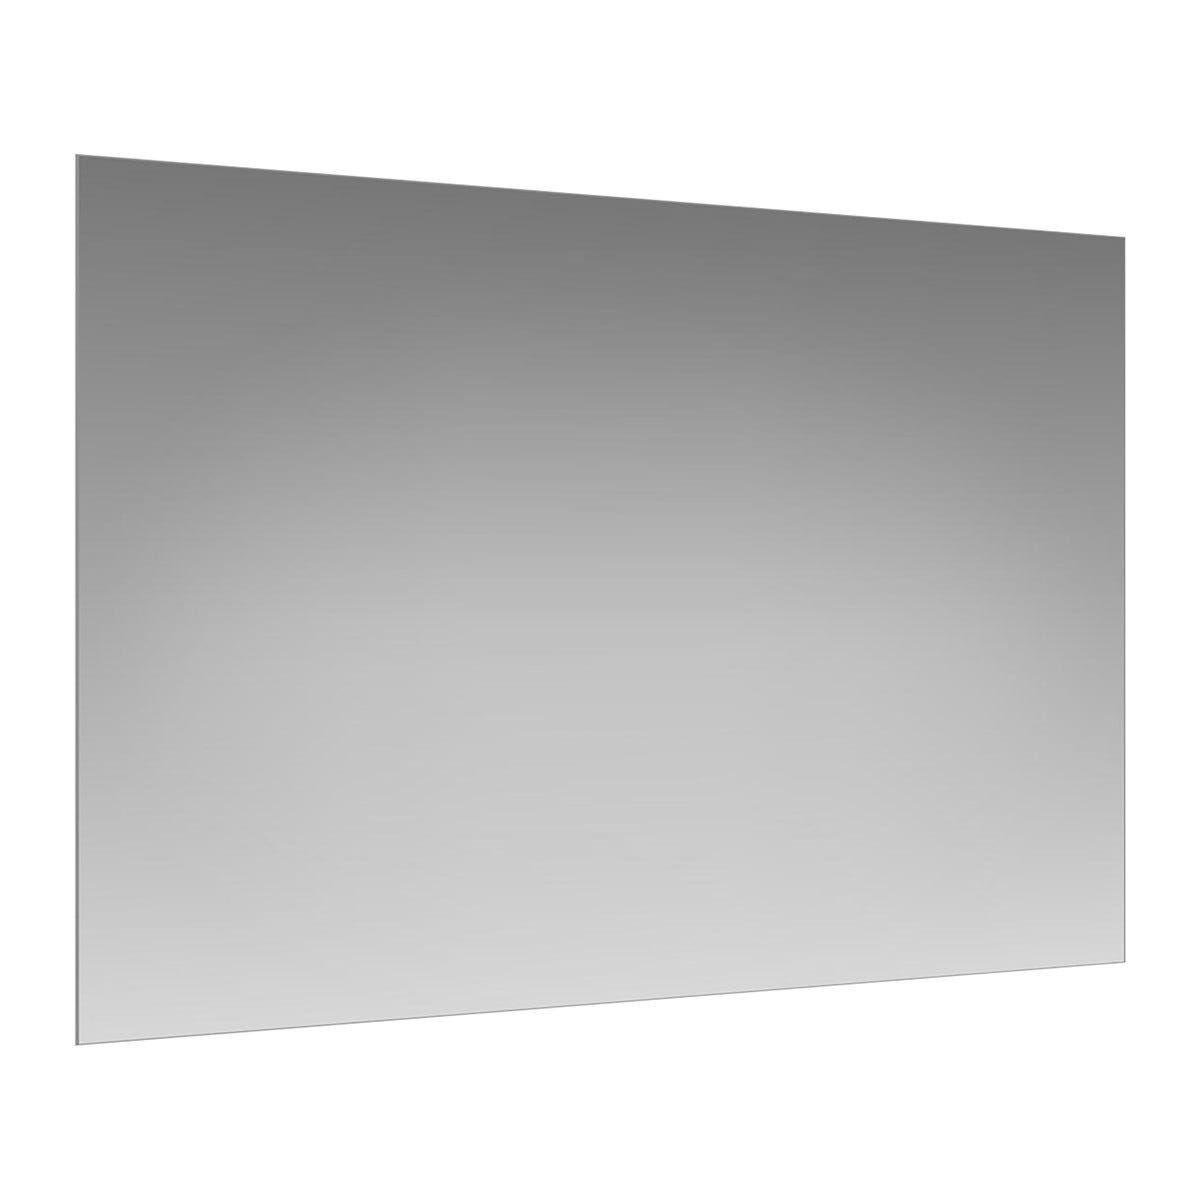 Specchio Interior 100x70 Cm Reversibile Antinfortunistico Filo Lucido Lampada Non Inclusa